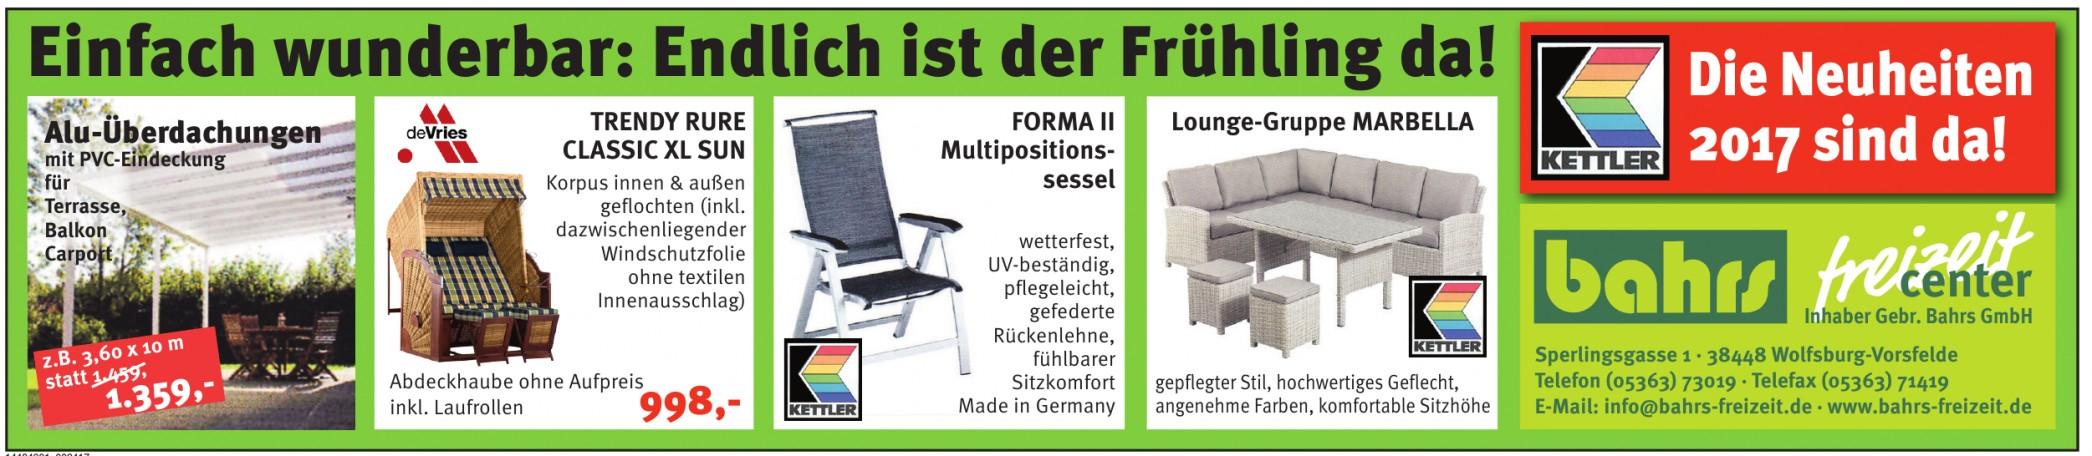 Bahrs Freizeitcenter Vertriebs GmbH